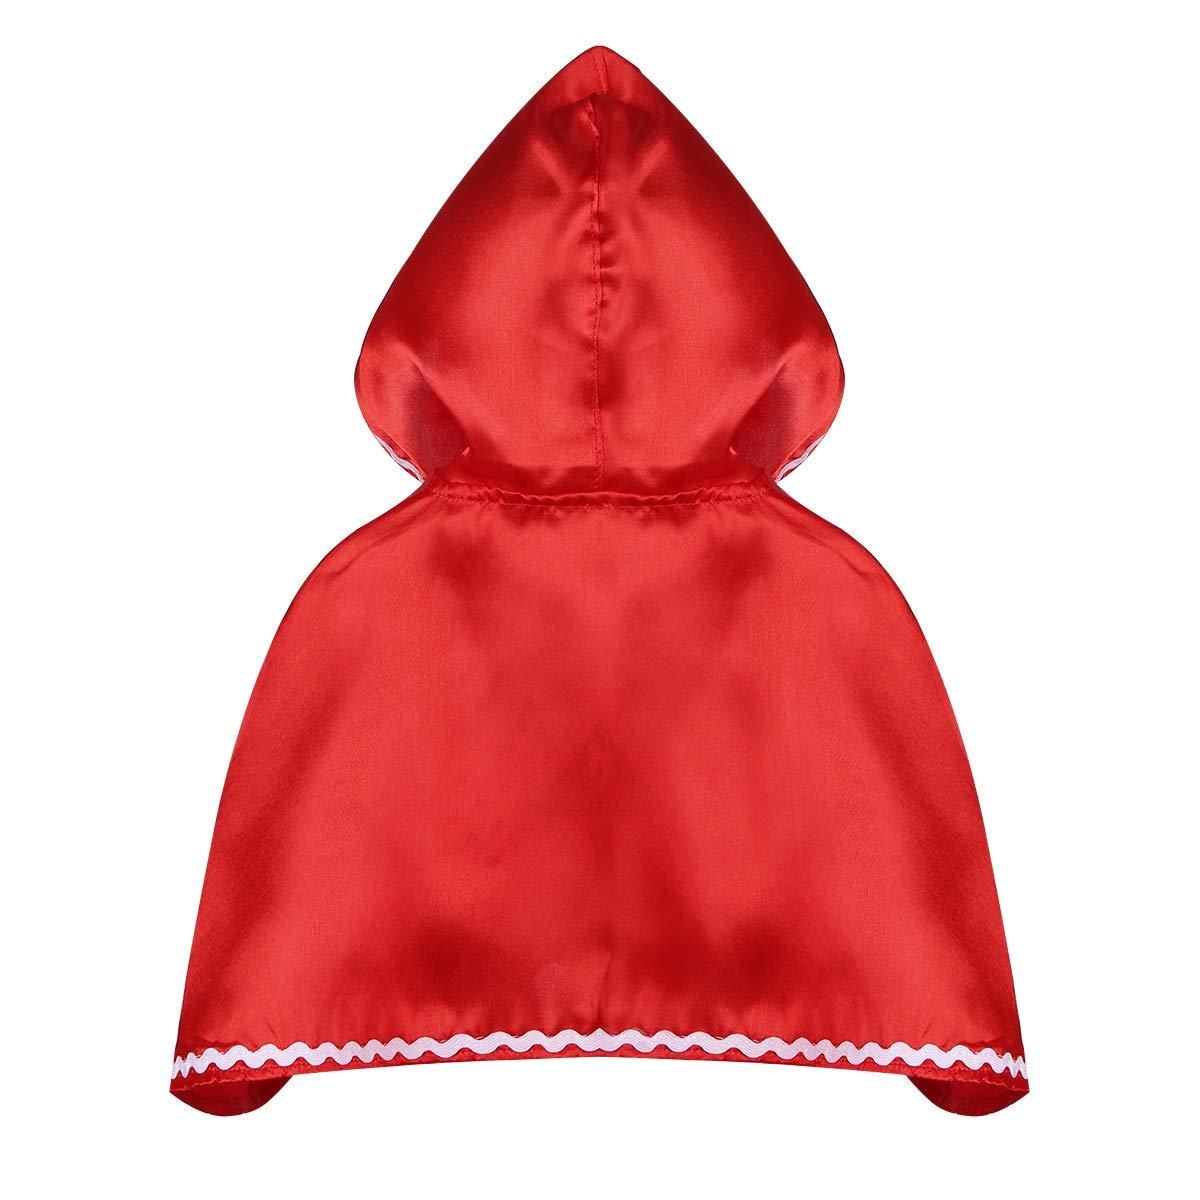 ranrann Disfraz de Caperucita Roja para Niña Cosplay Traje Fairy ...